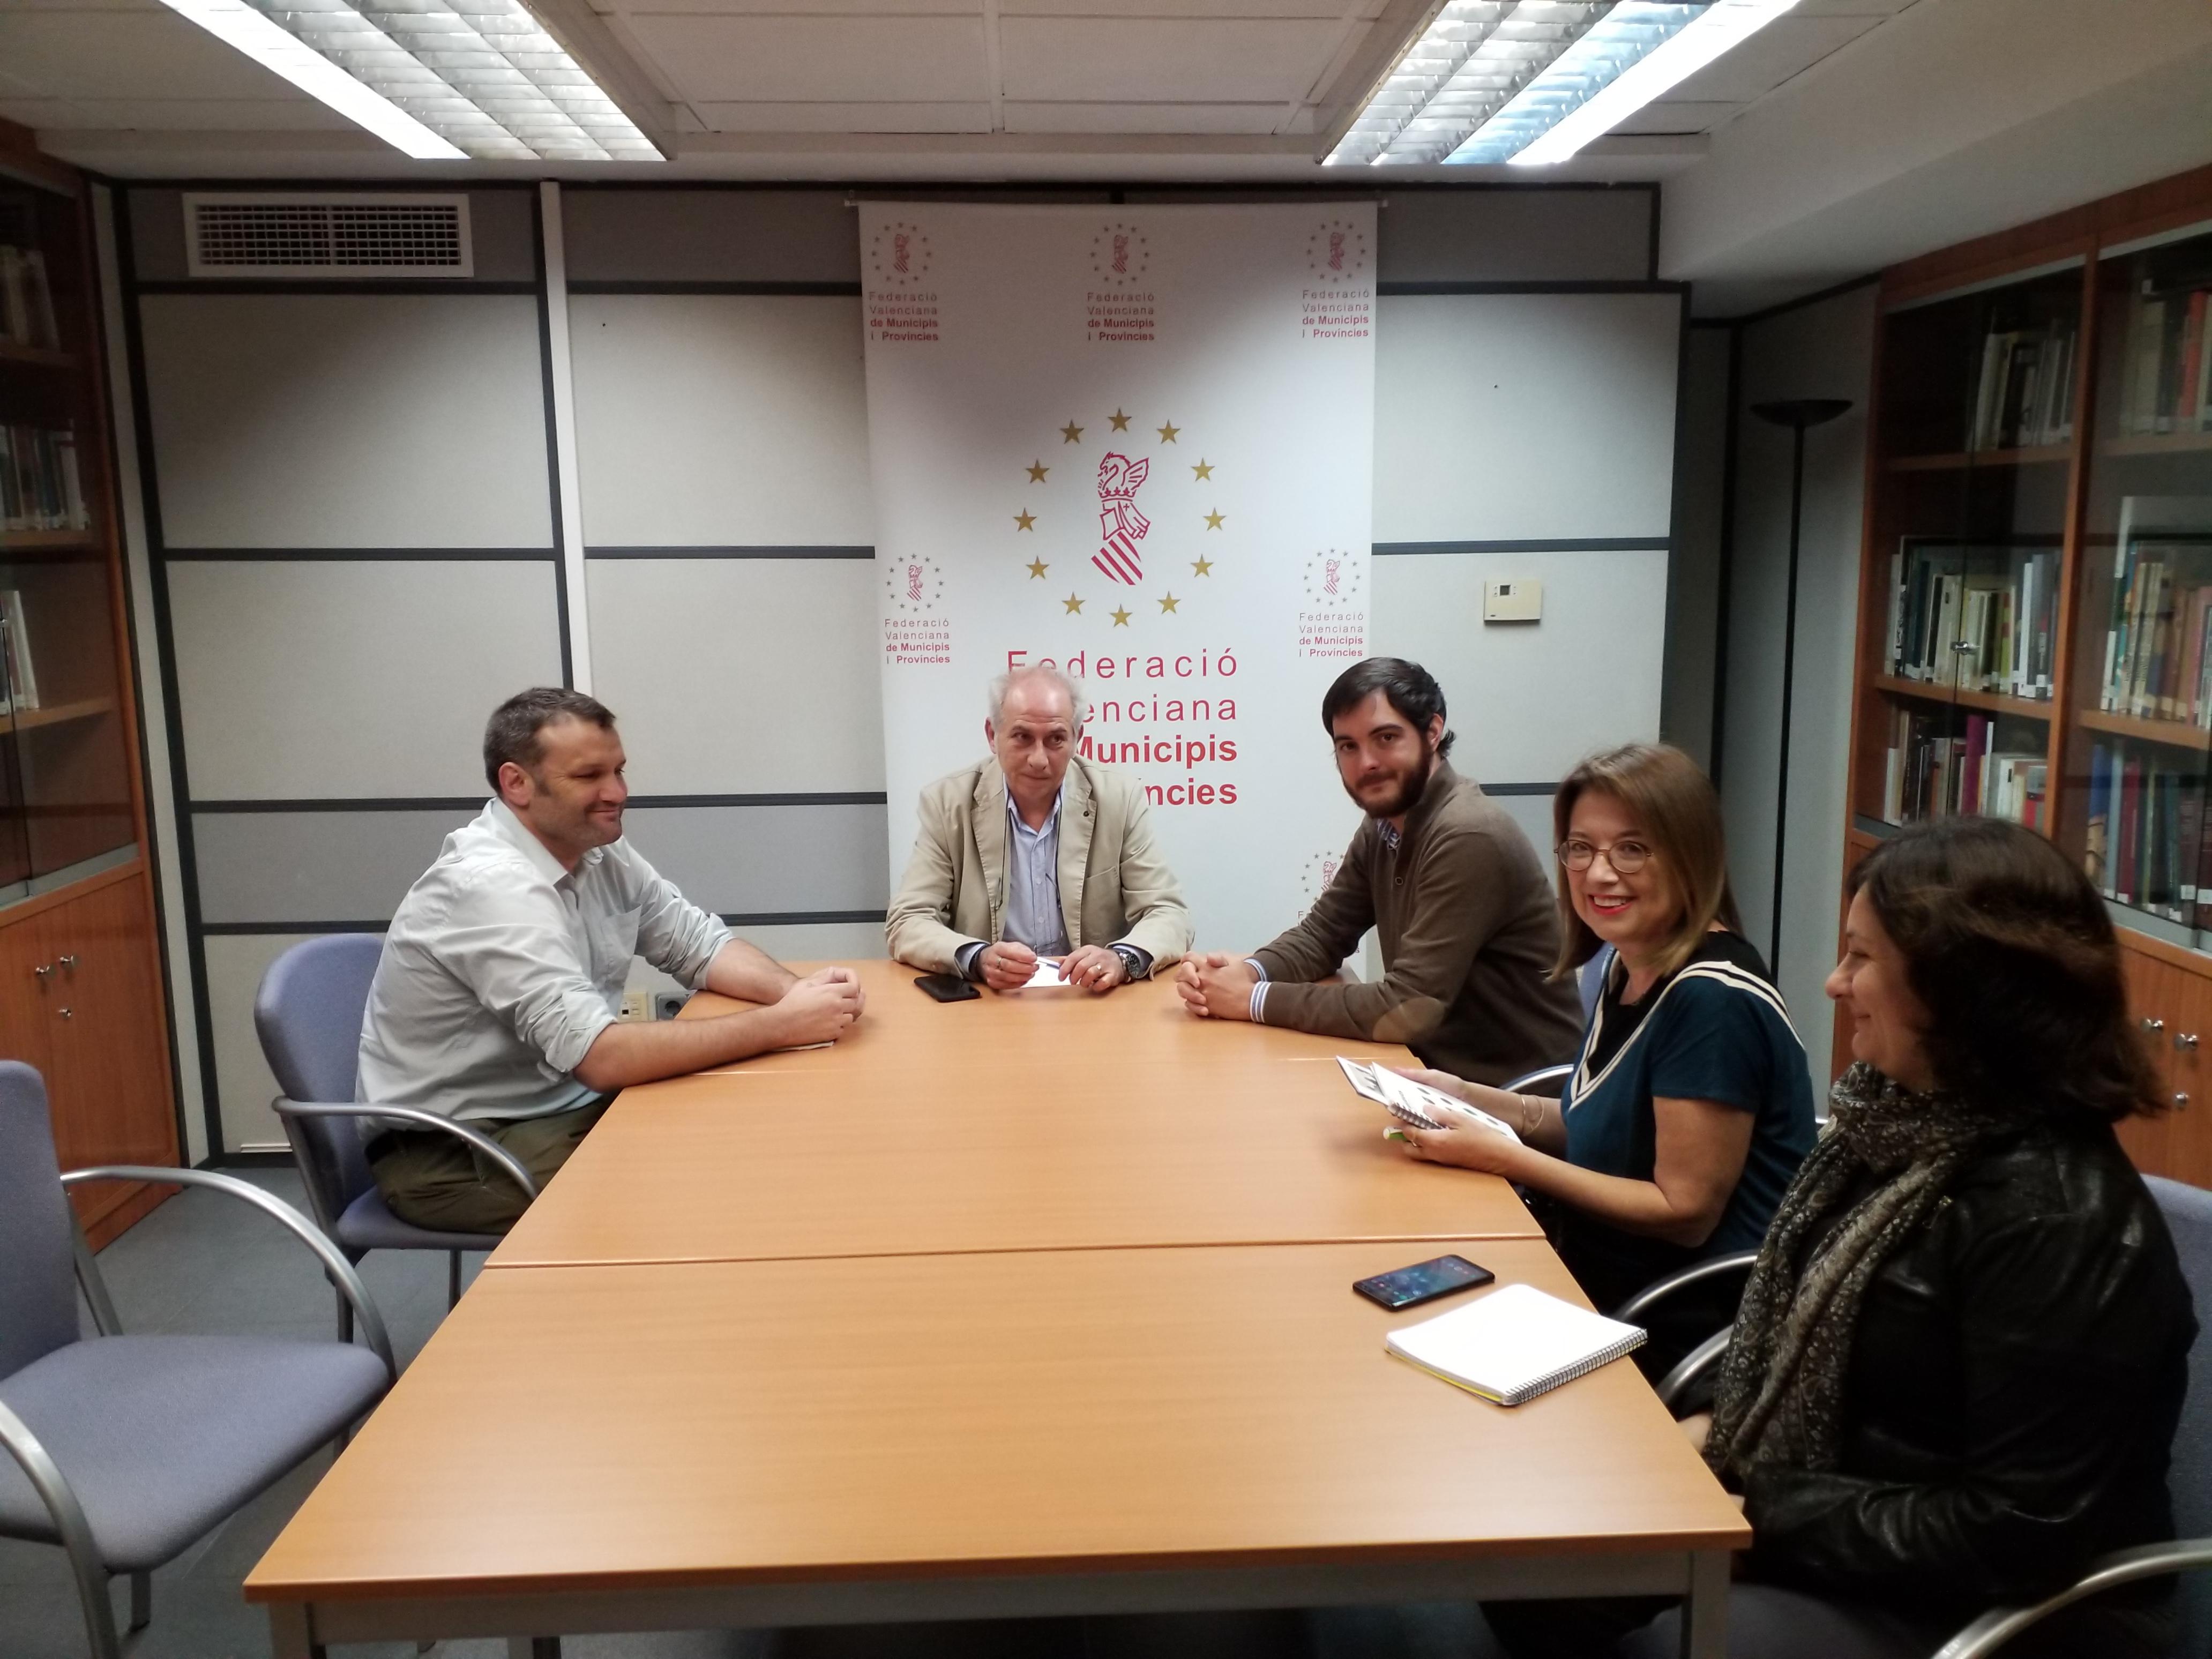 La Conselleria de Vivienda y la FVMP estudiarán fórmulas de colaboración para prestar asistencia a los ayuntamientos en materia de vivienda